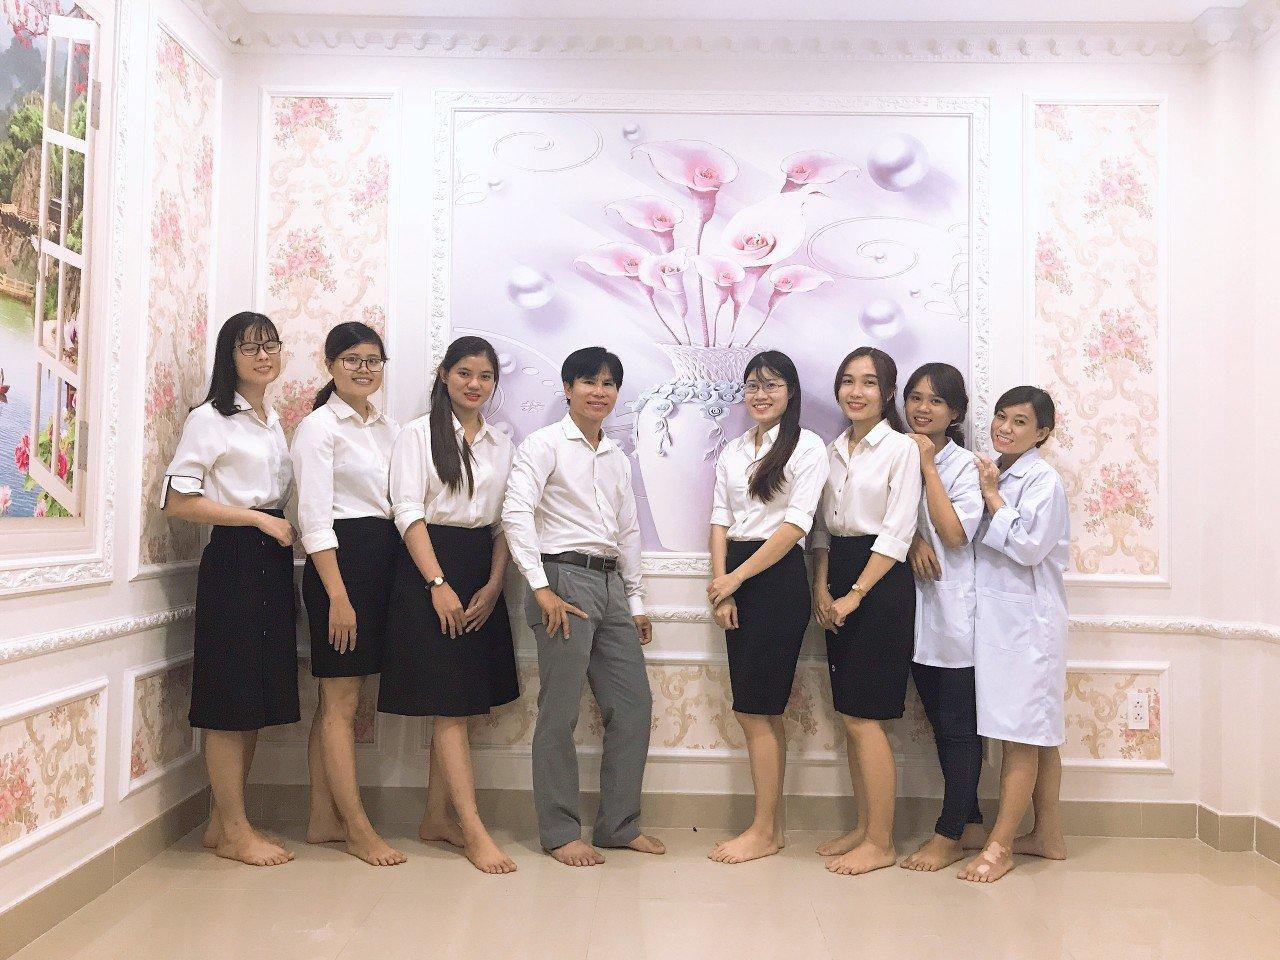 http:,,myphamdathaolan.com,upload,images,xay%20dung%20xuong%20san%20xuat%20mi%20pham(1).jpg